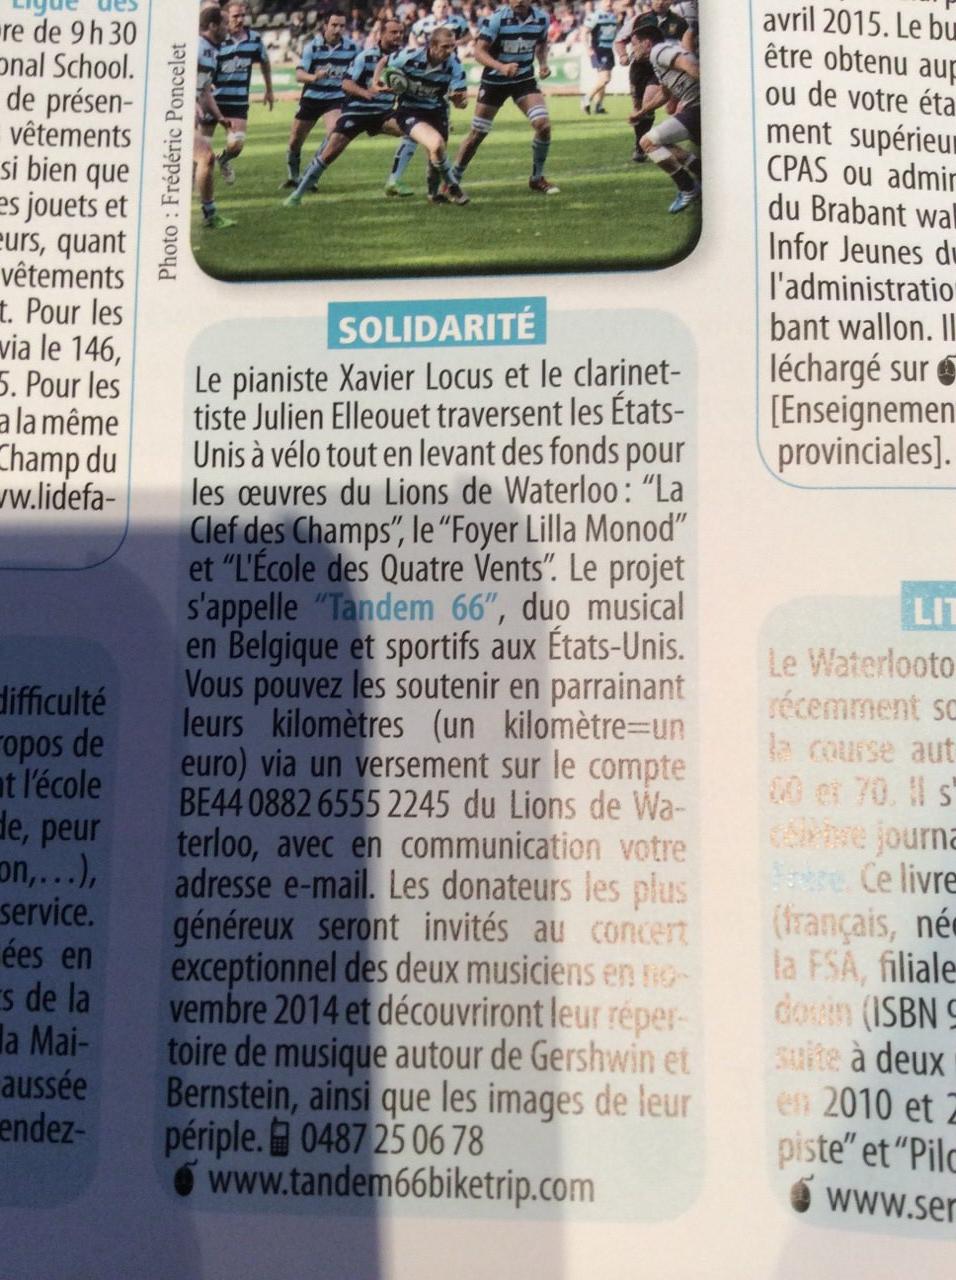 Journal local de Waterloo